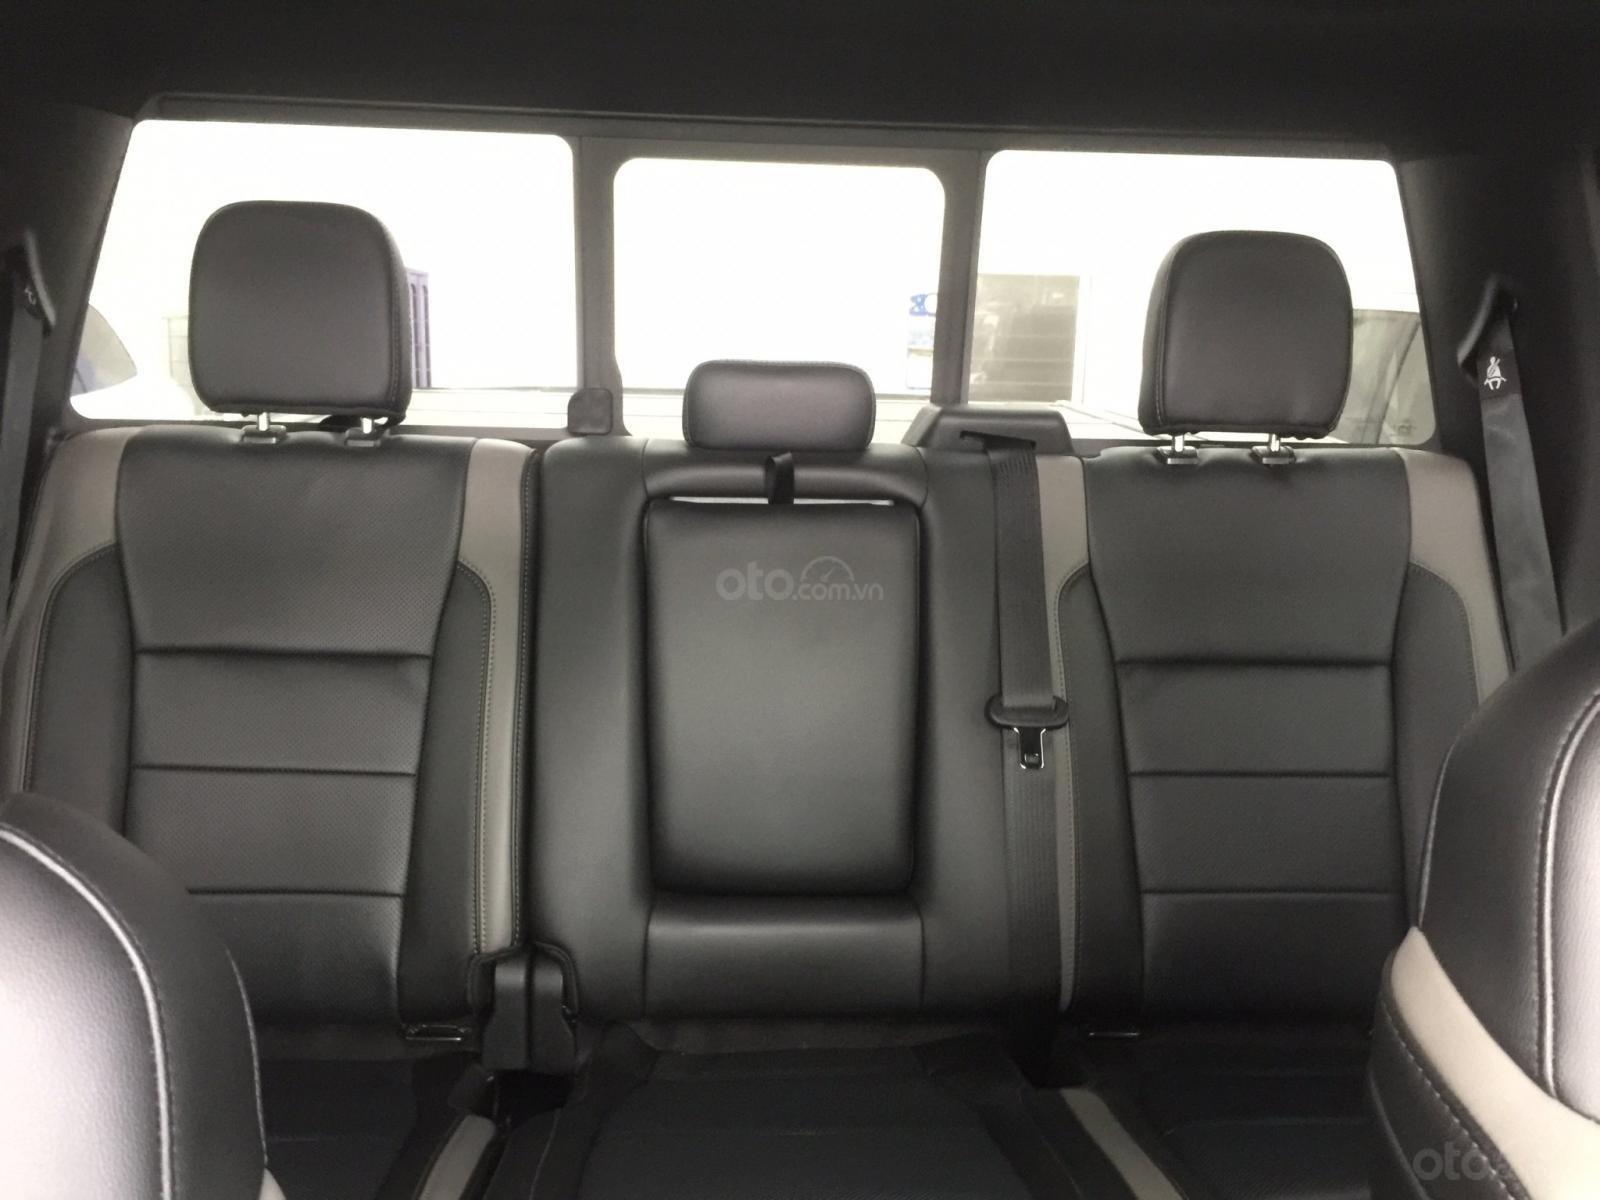 Bán siêu bán tải Ford F150 Raptor 2020, LH Ms Hương giá tốt giao ngay toàn quốc (16)